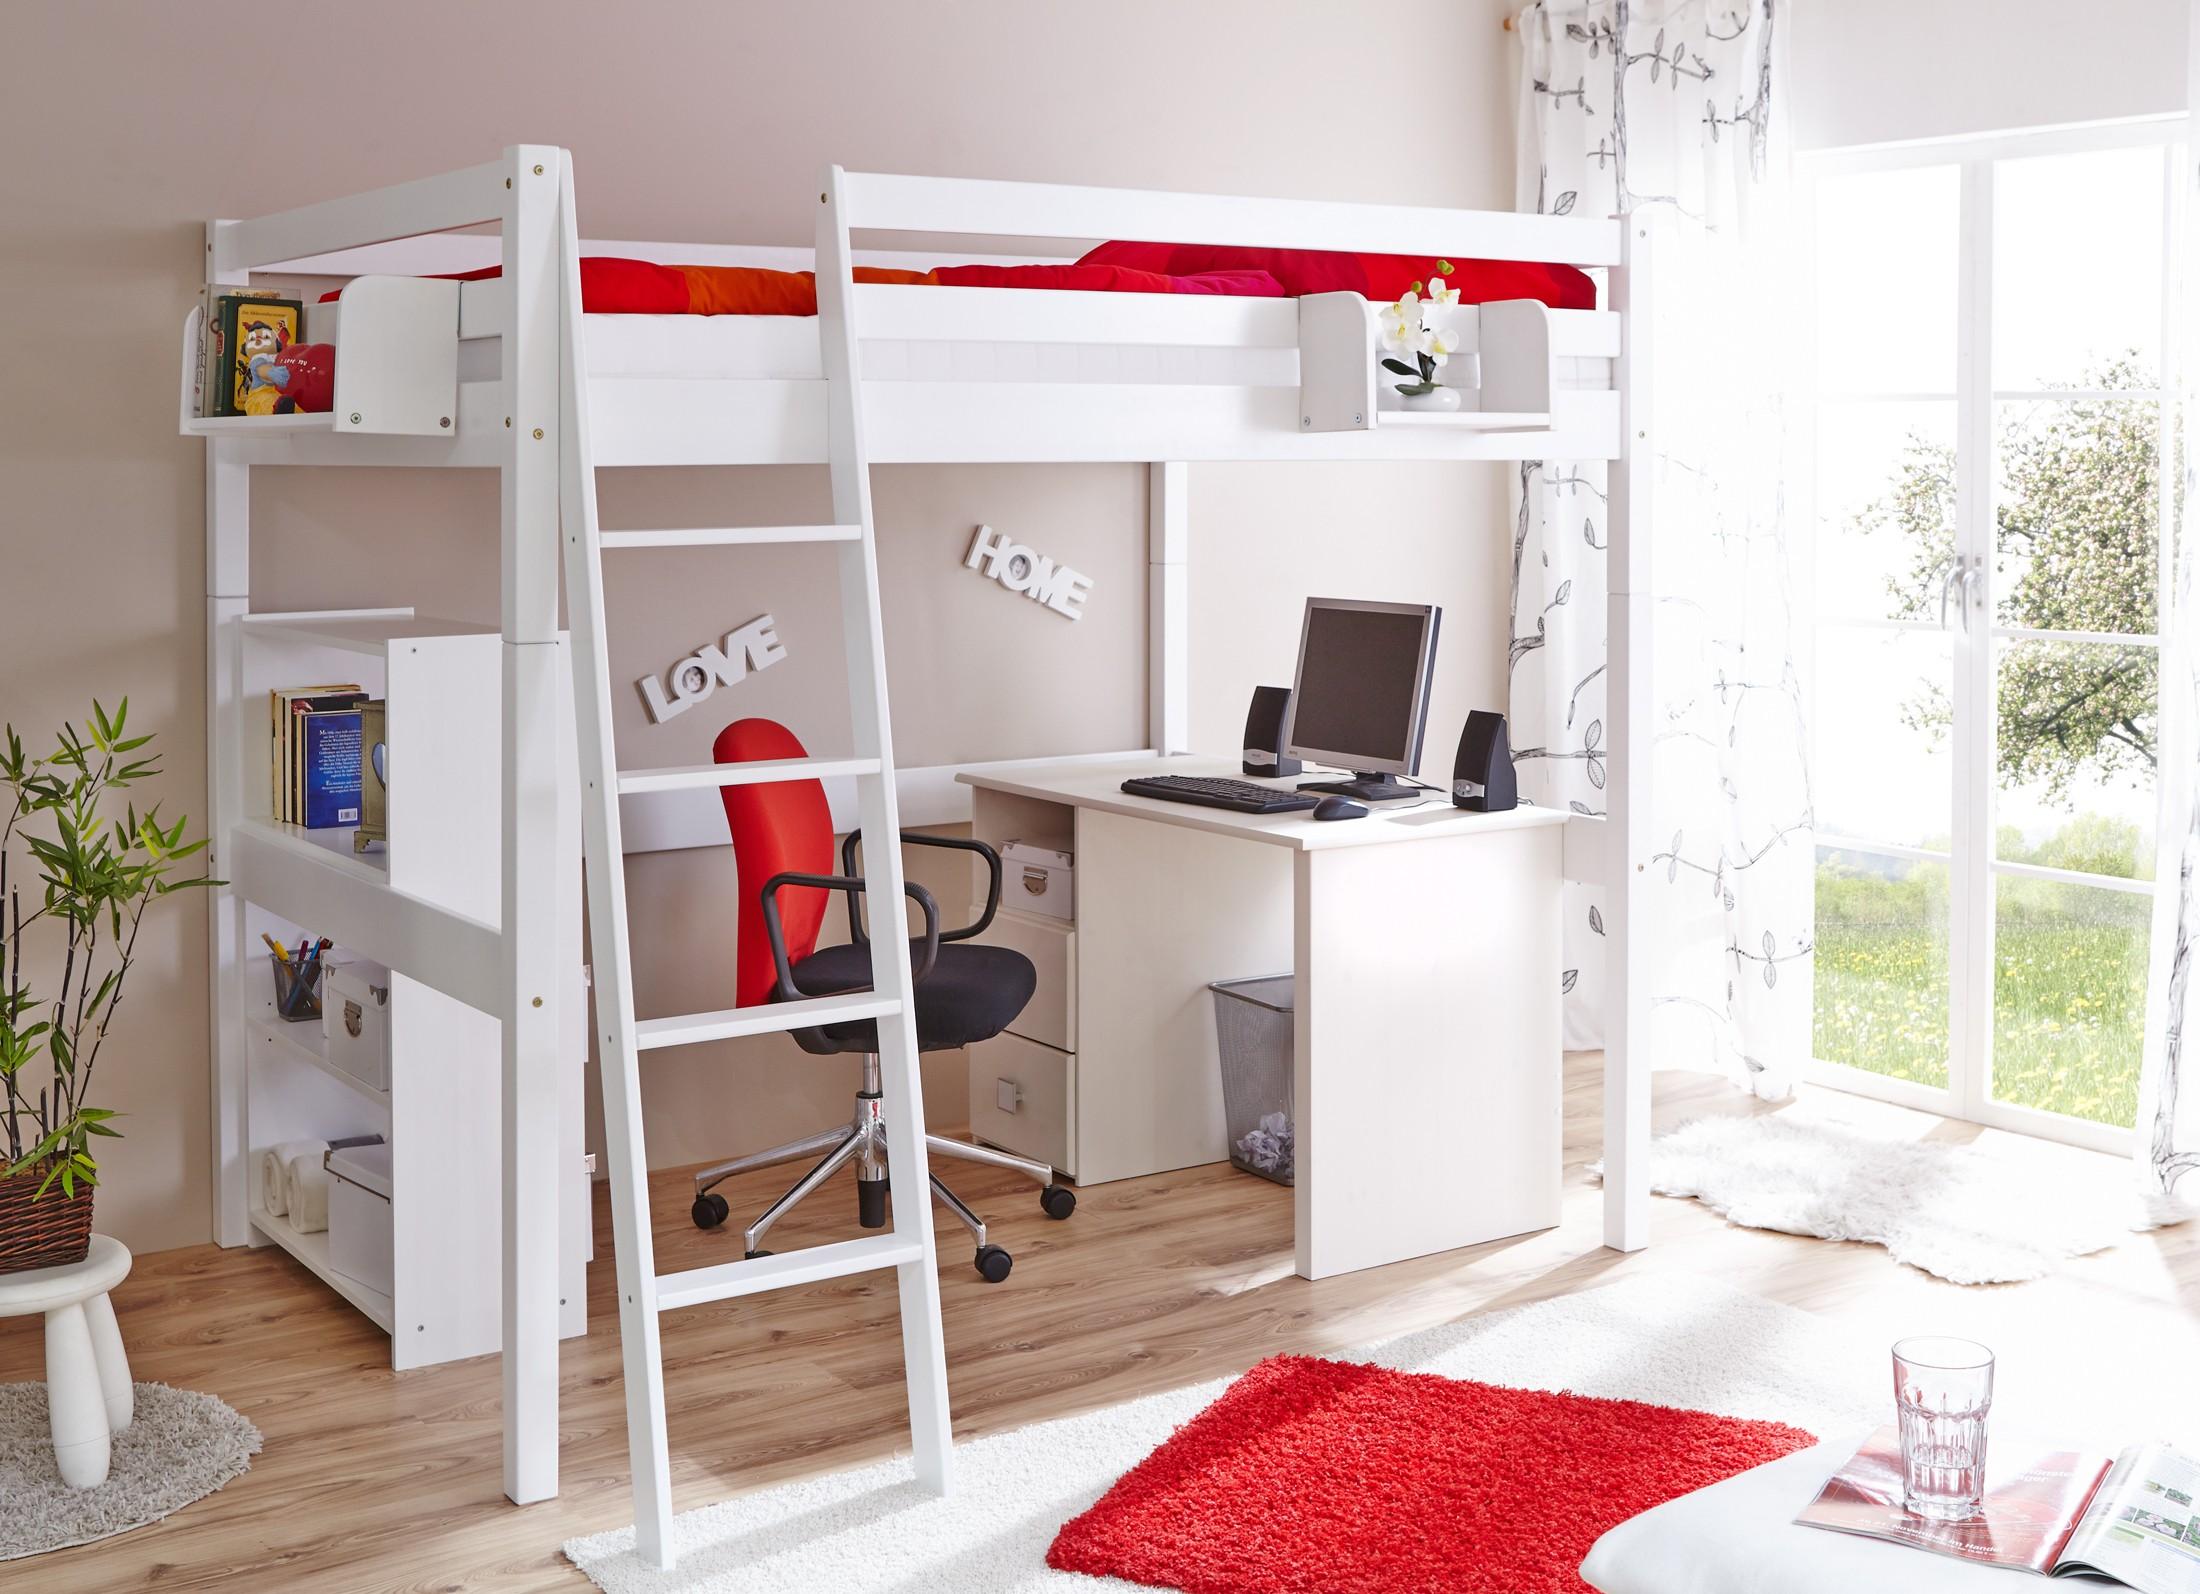 Etagenbett Buche Weiß : Etagenbett massivholz erwachsene etagenbetten eiche